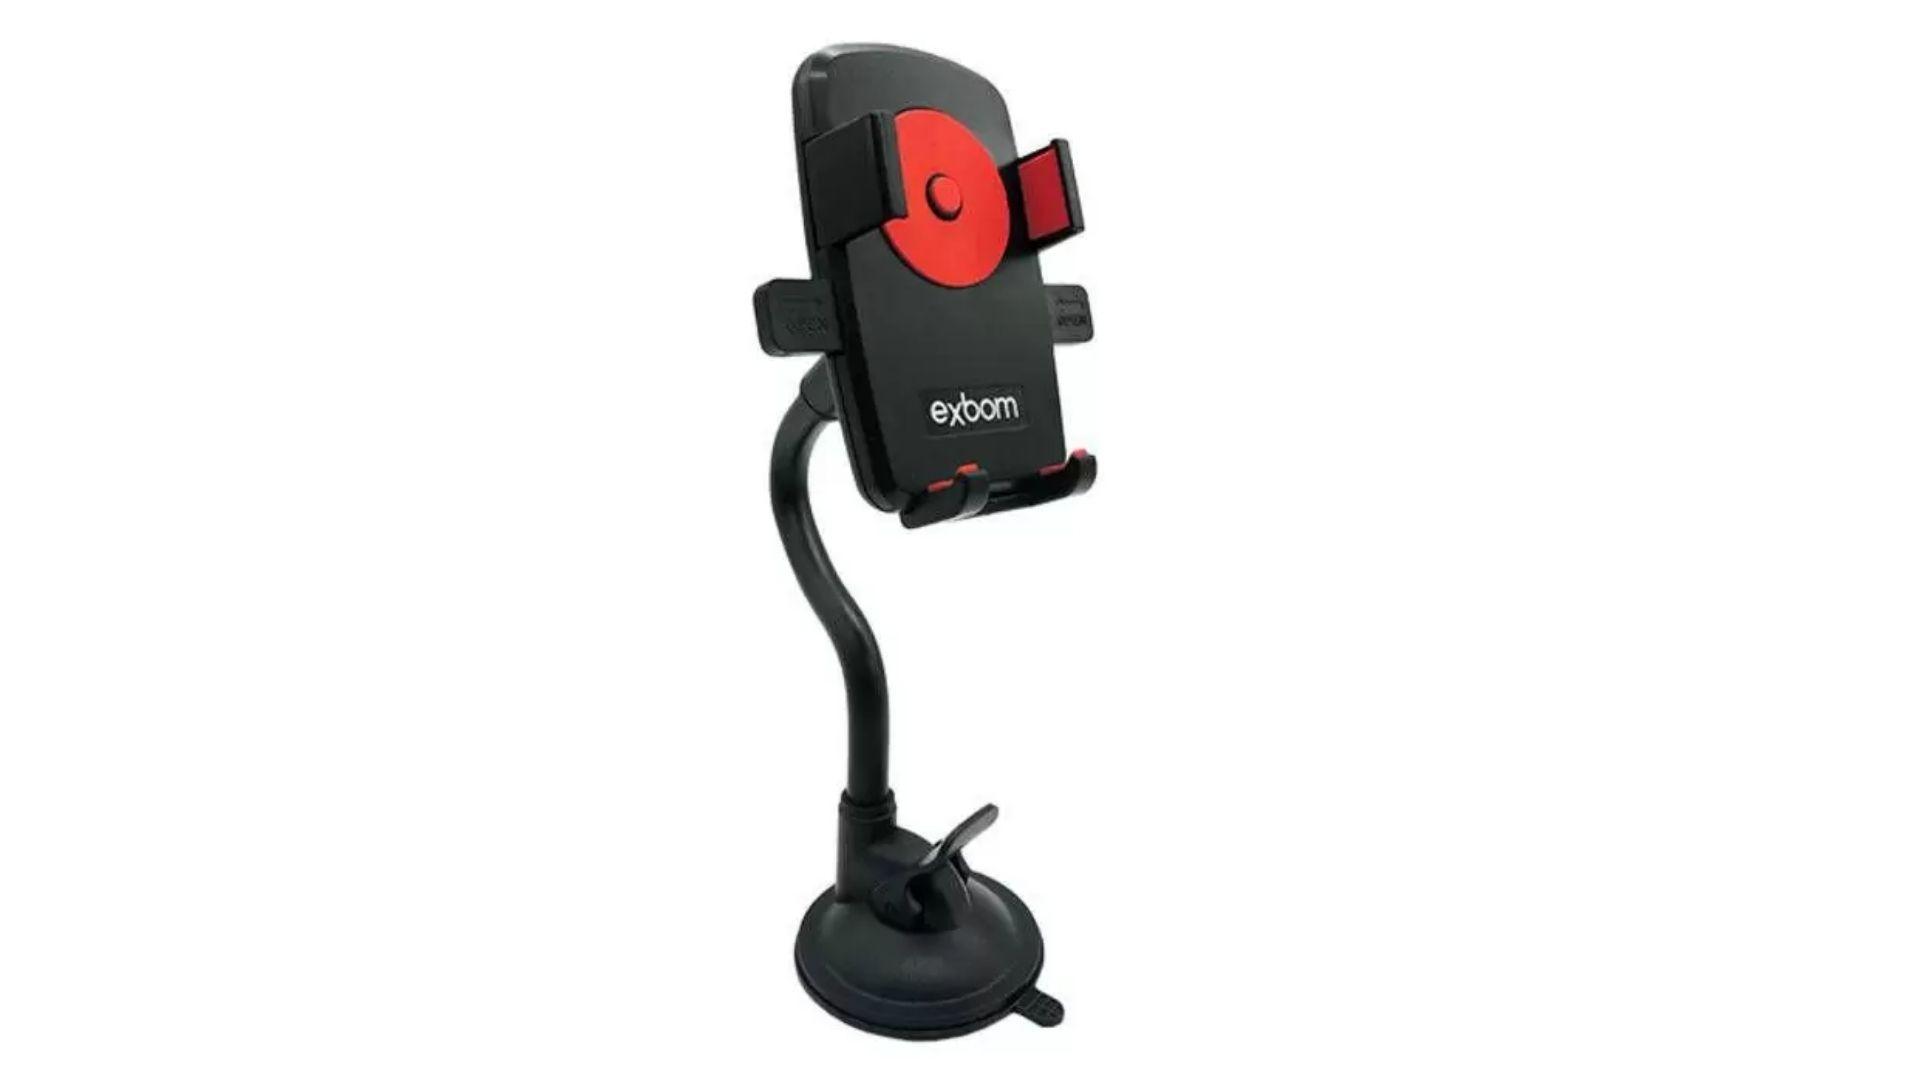 Suporte de celular para carro na cor preta com detalhe em vermelho no meio e em fundo branco